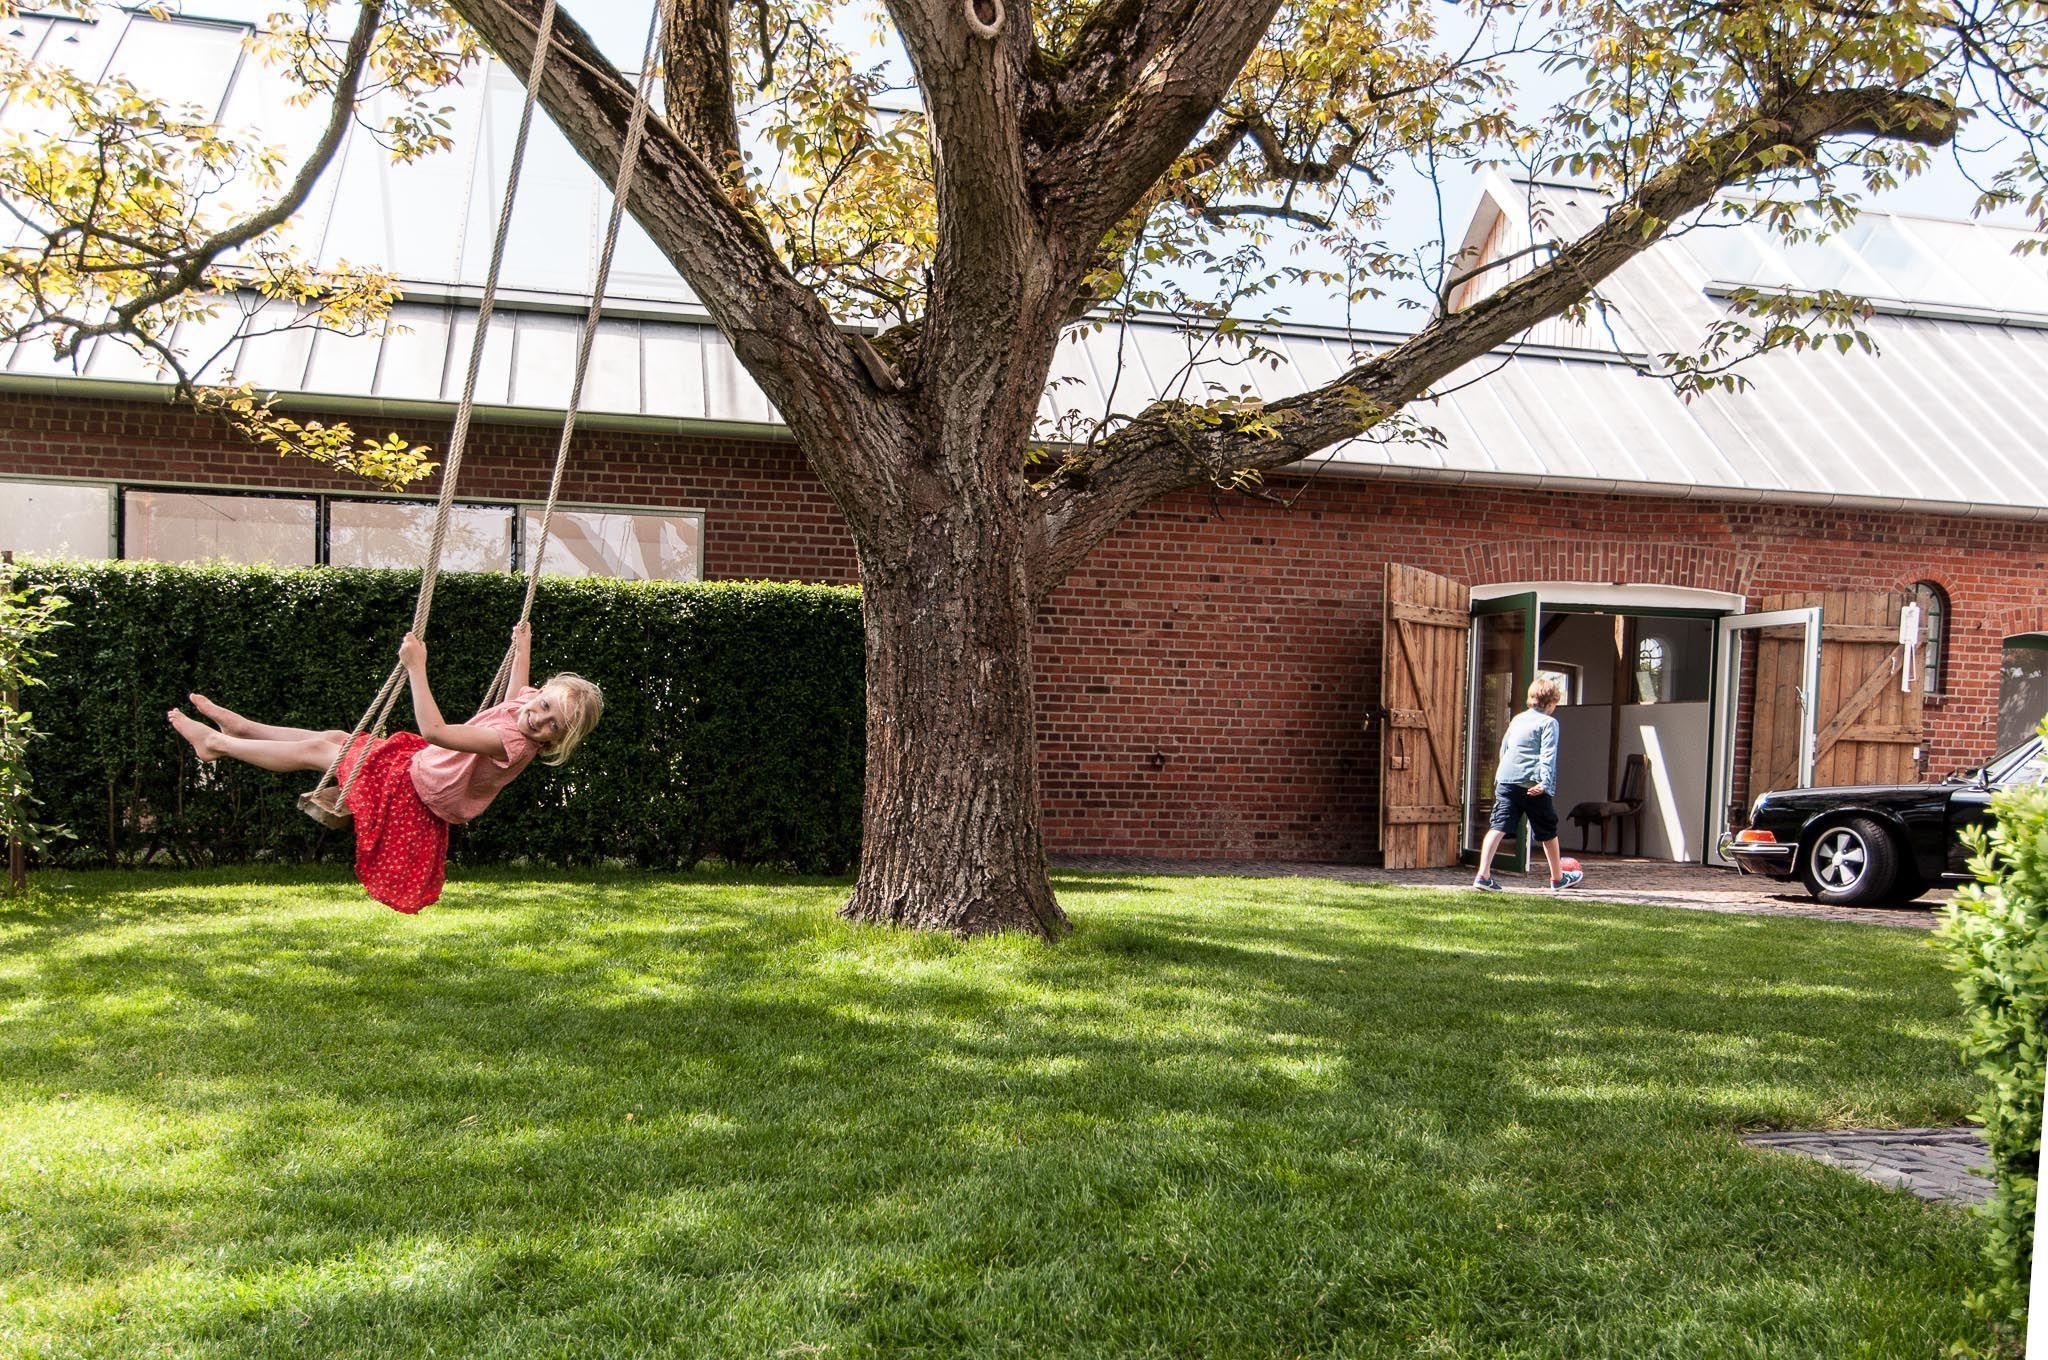 sommer, schaukel, kinder, scheune, nussbaum, walnussbaum, walnuss, bauernhaus, landhaus. www.welle8.com #Schaukel